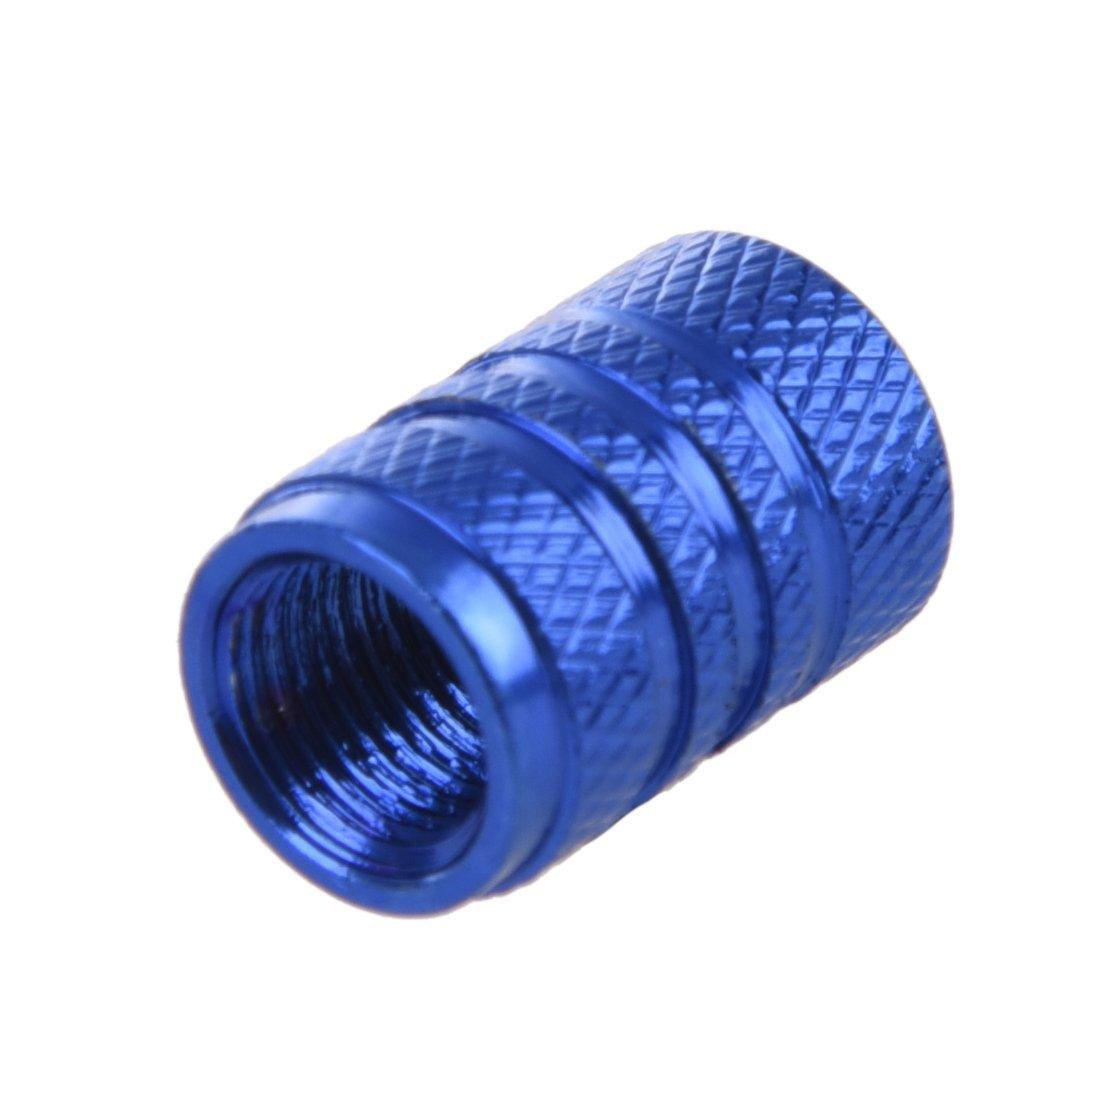 Semoic 4 Stuecke blau Legierung Auto Reifen Ventilkappen Autoventil Verschlusskappen